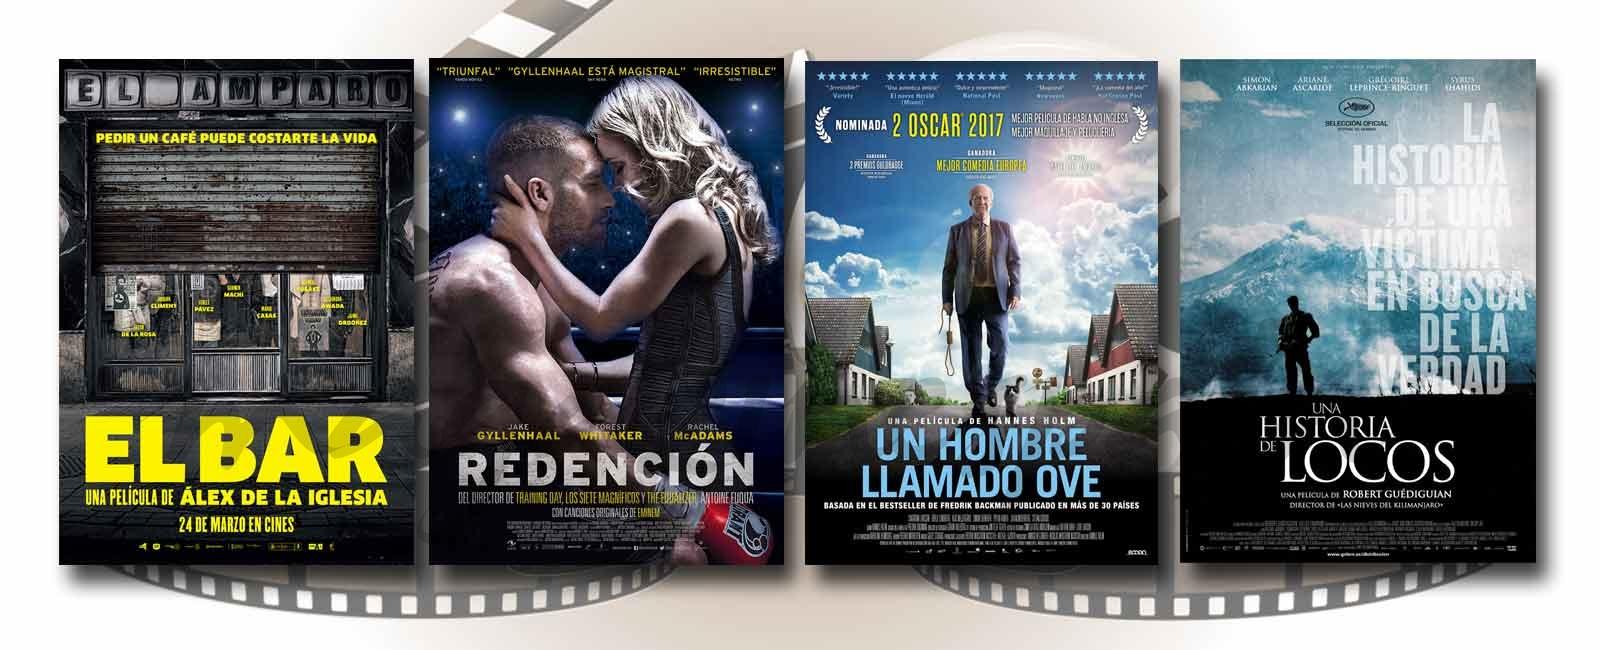 Estrenos de Cine de la Semana… 24 de Marzo 2017